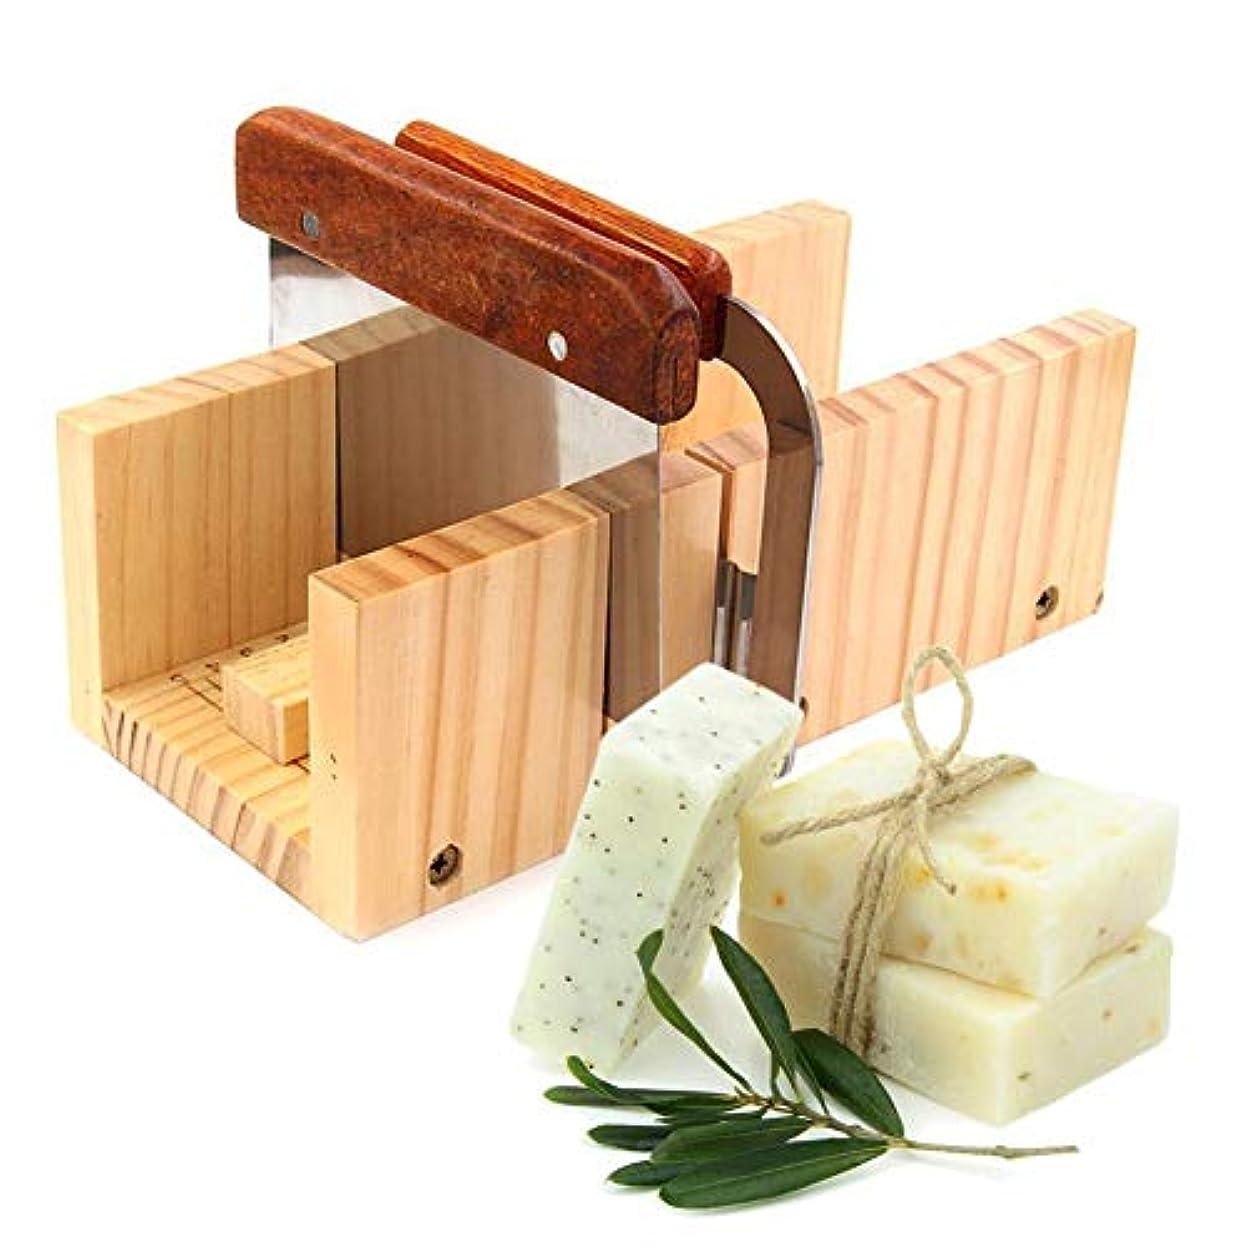 広告電信高潔なソープモールド、調整可能、木製、ハンドメイド、石鹸、モールドアクセサリー、ストレートプレーナー付き